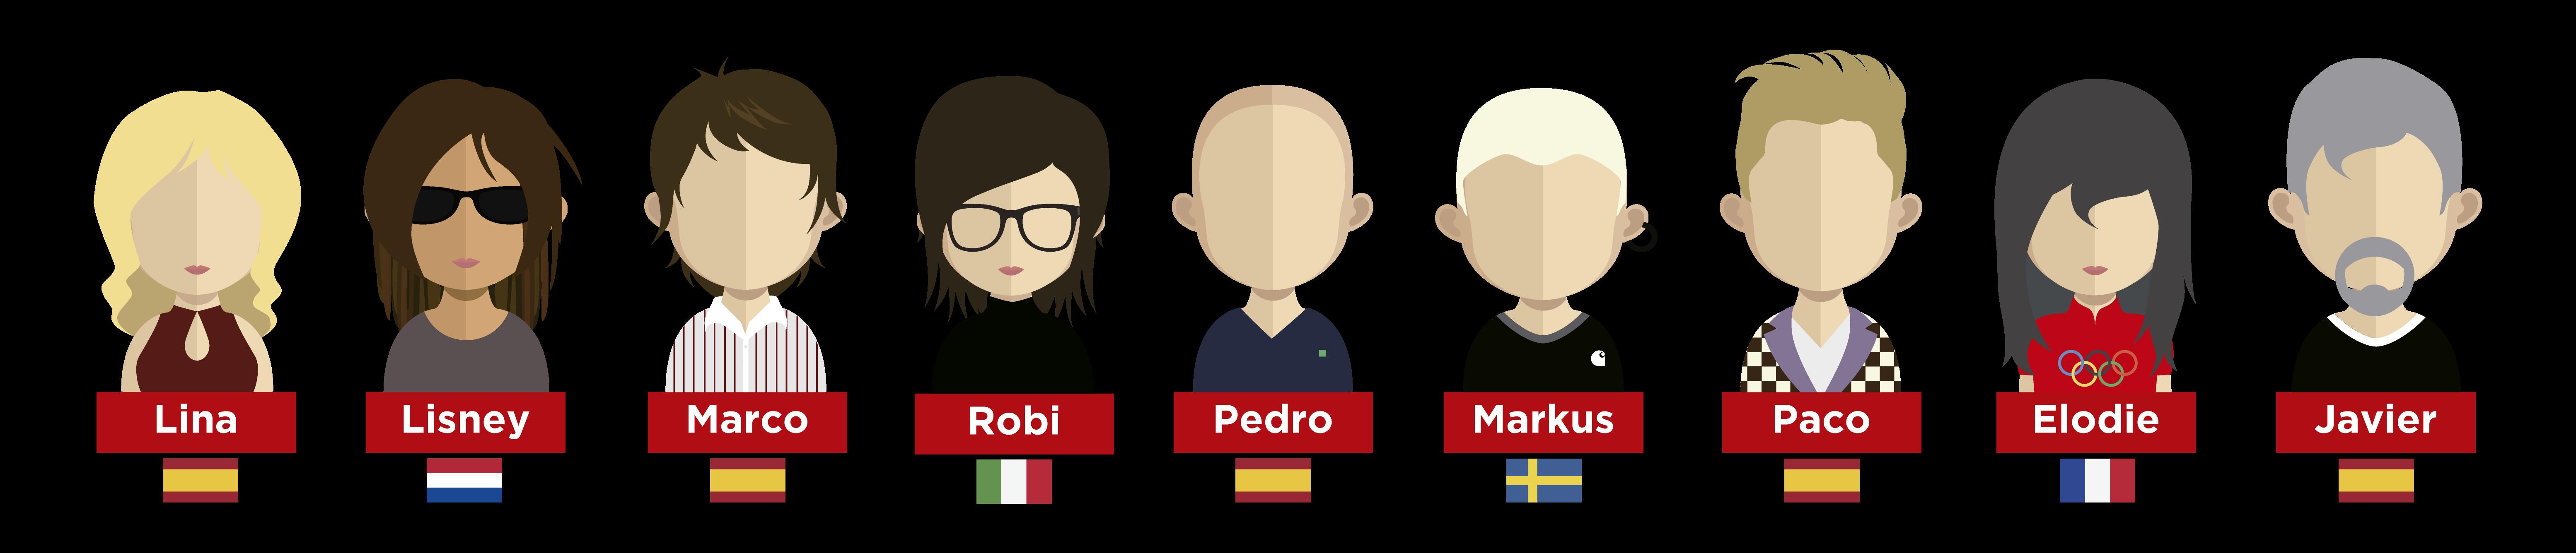 Miembros de la Comunidad Mosaiker desde que abrimos en 2016 hasta estos dias.